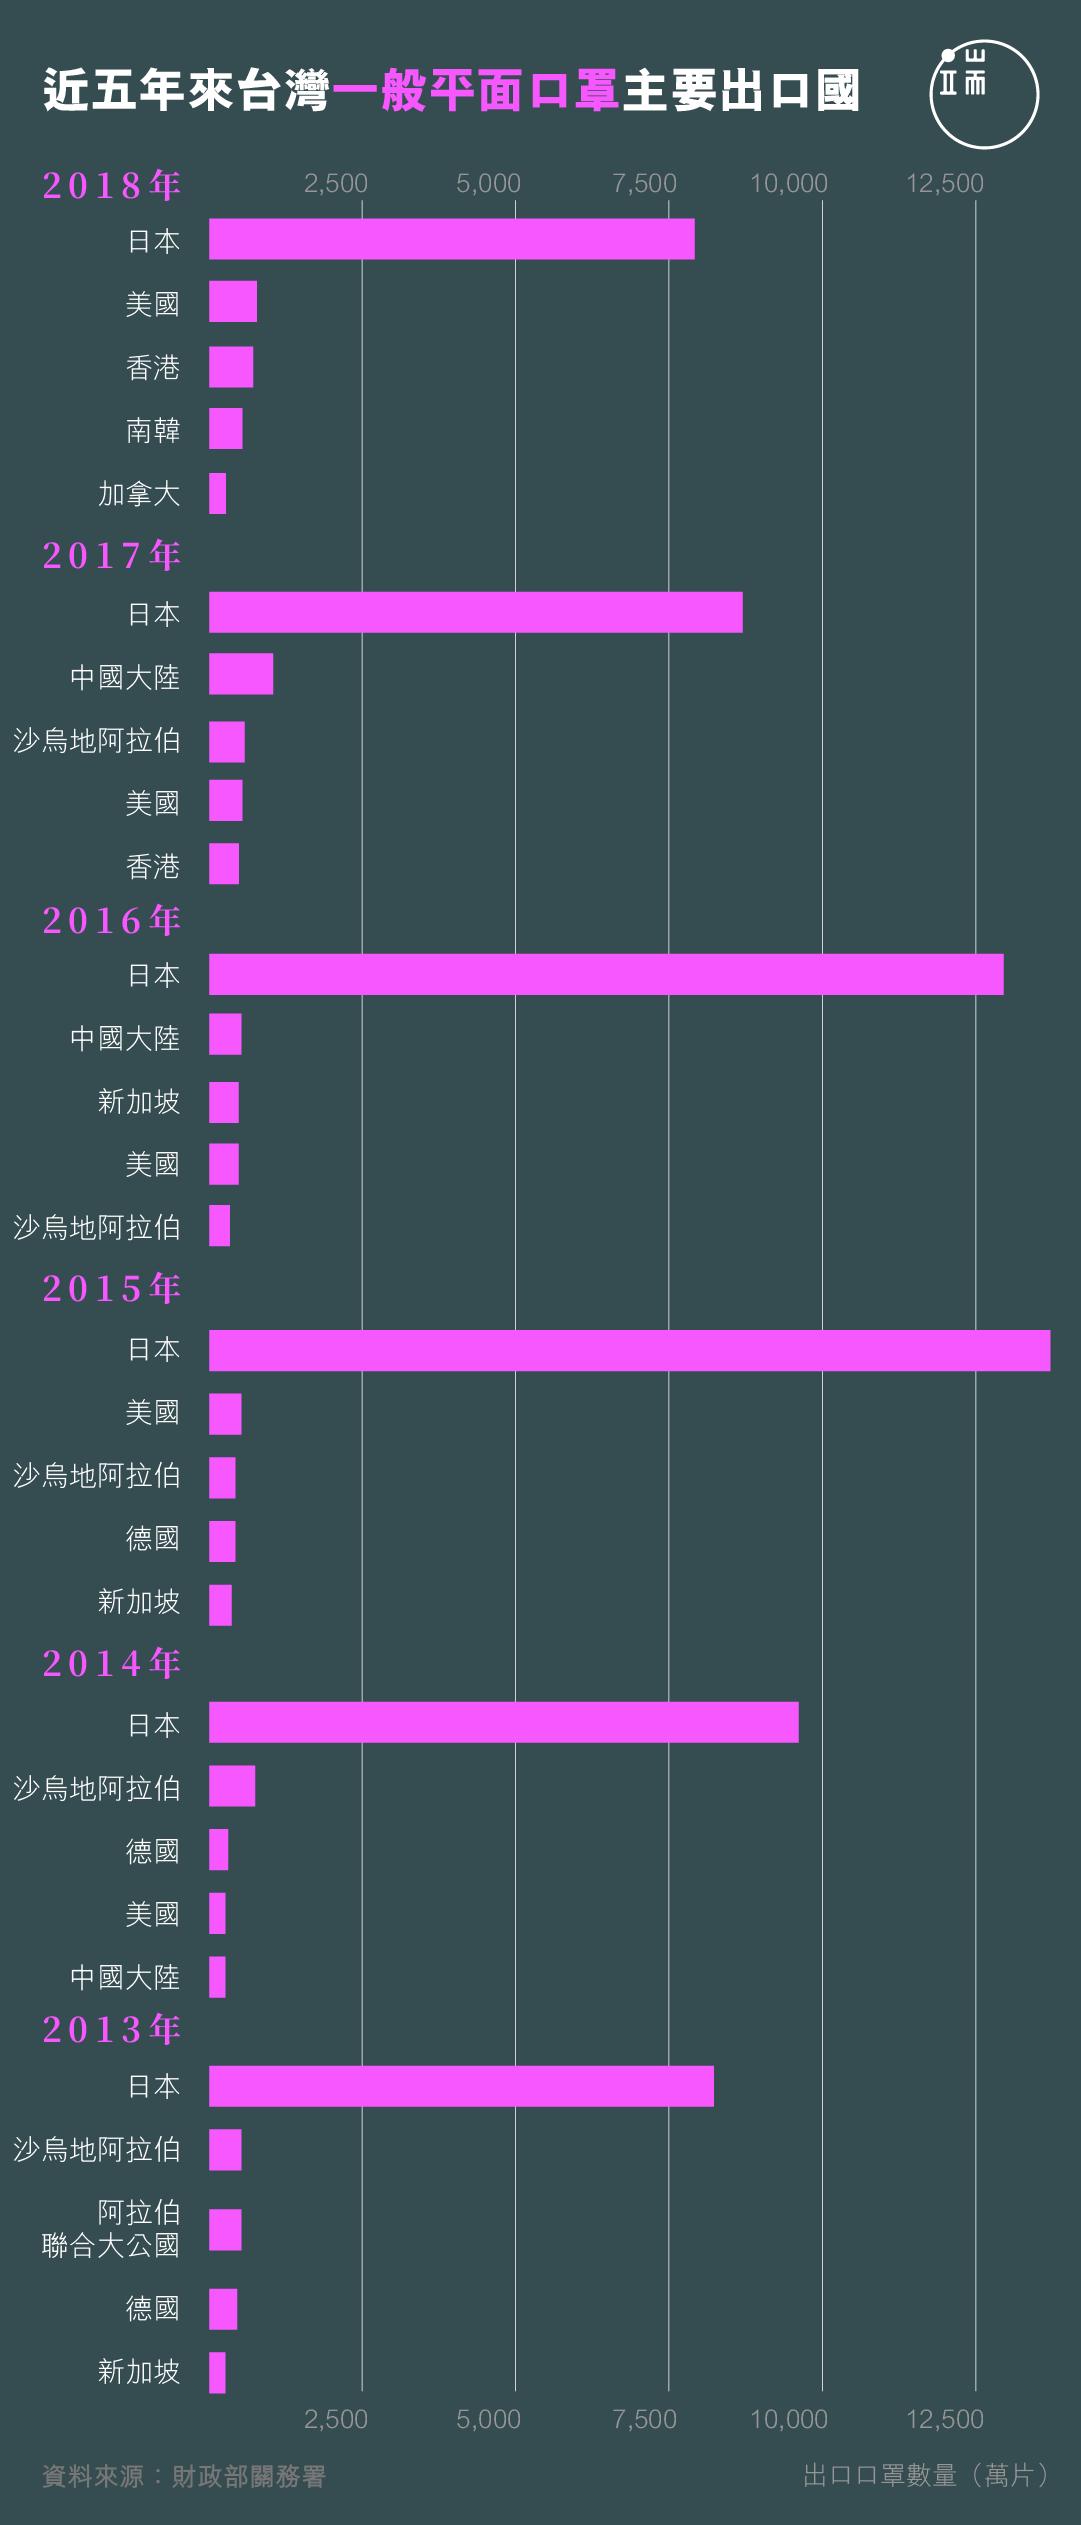 近五年来台灣一般平面口罩主要出口國。